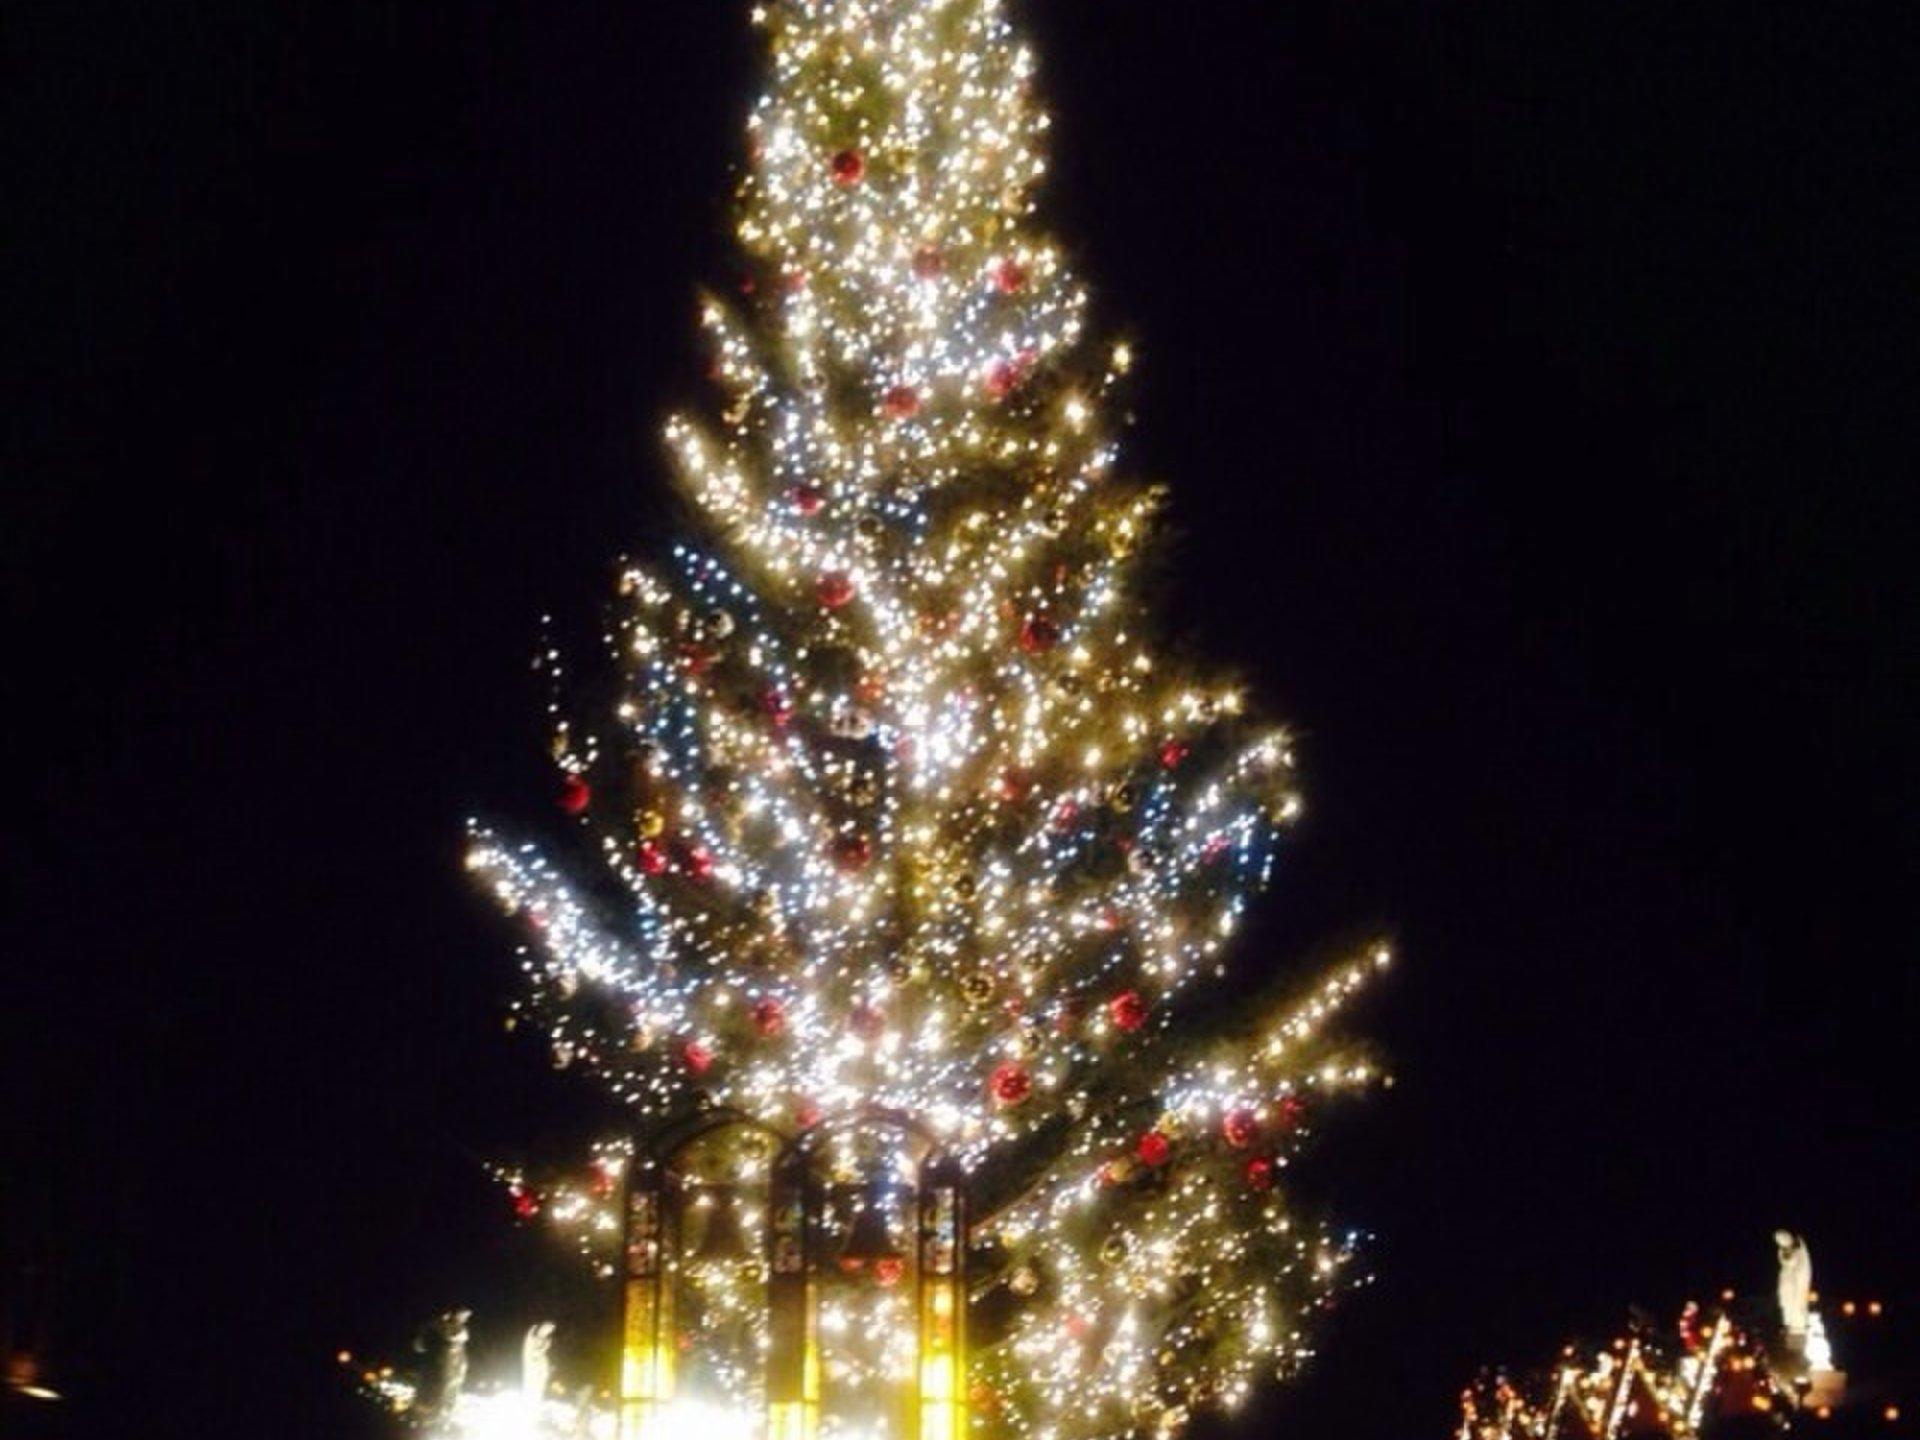 みなとみらいで素敵なクリスマスを♪ツリーとイルミネーションを同時に見られる欲張りデートコース